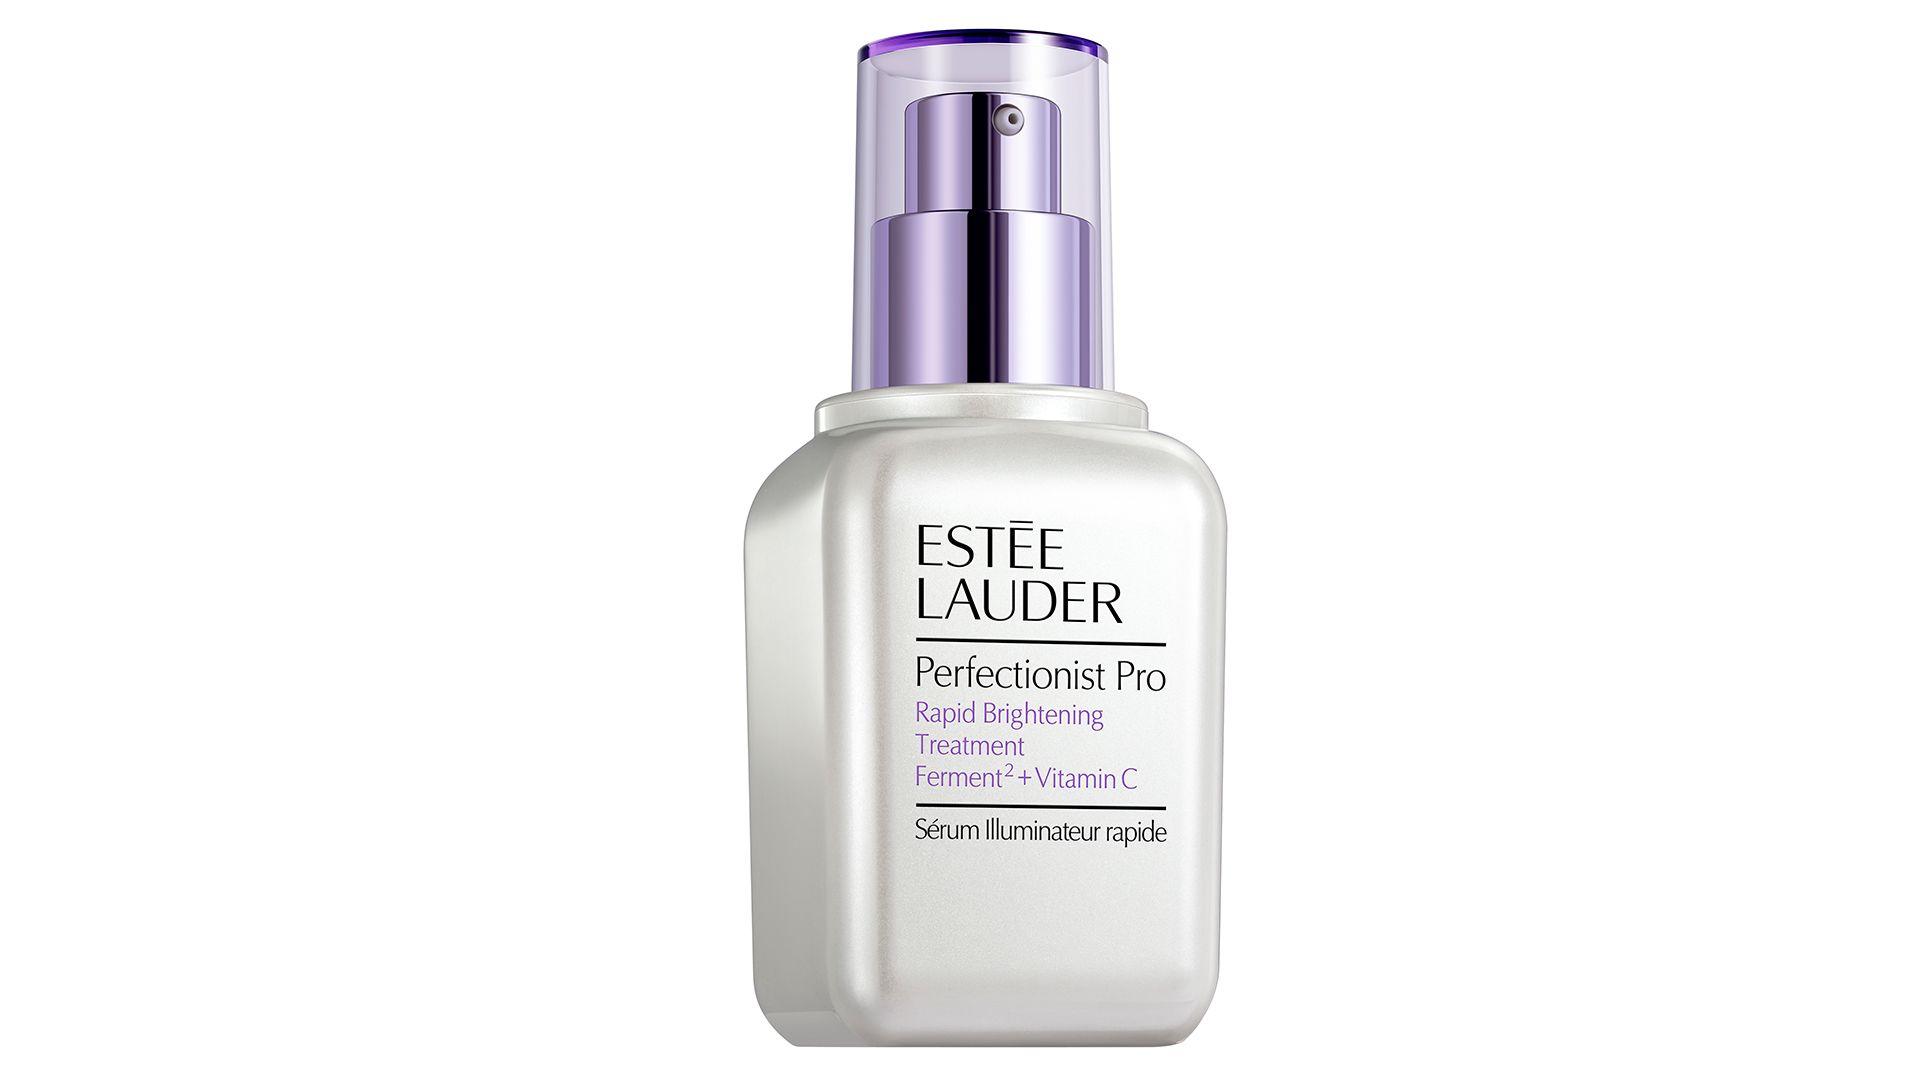 Estée Lauder - Perfectionist Pro Rapid Brightening Treatment Ferment² + Vitamin C Szérum